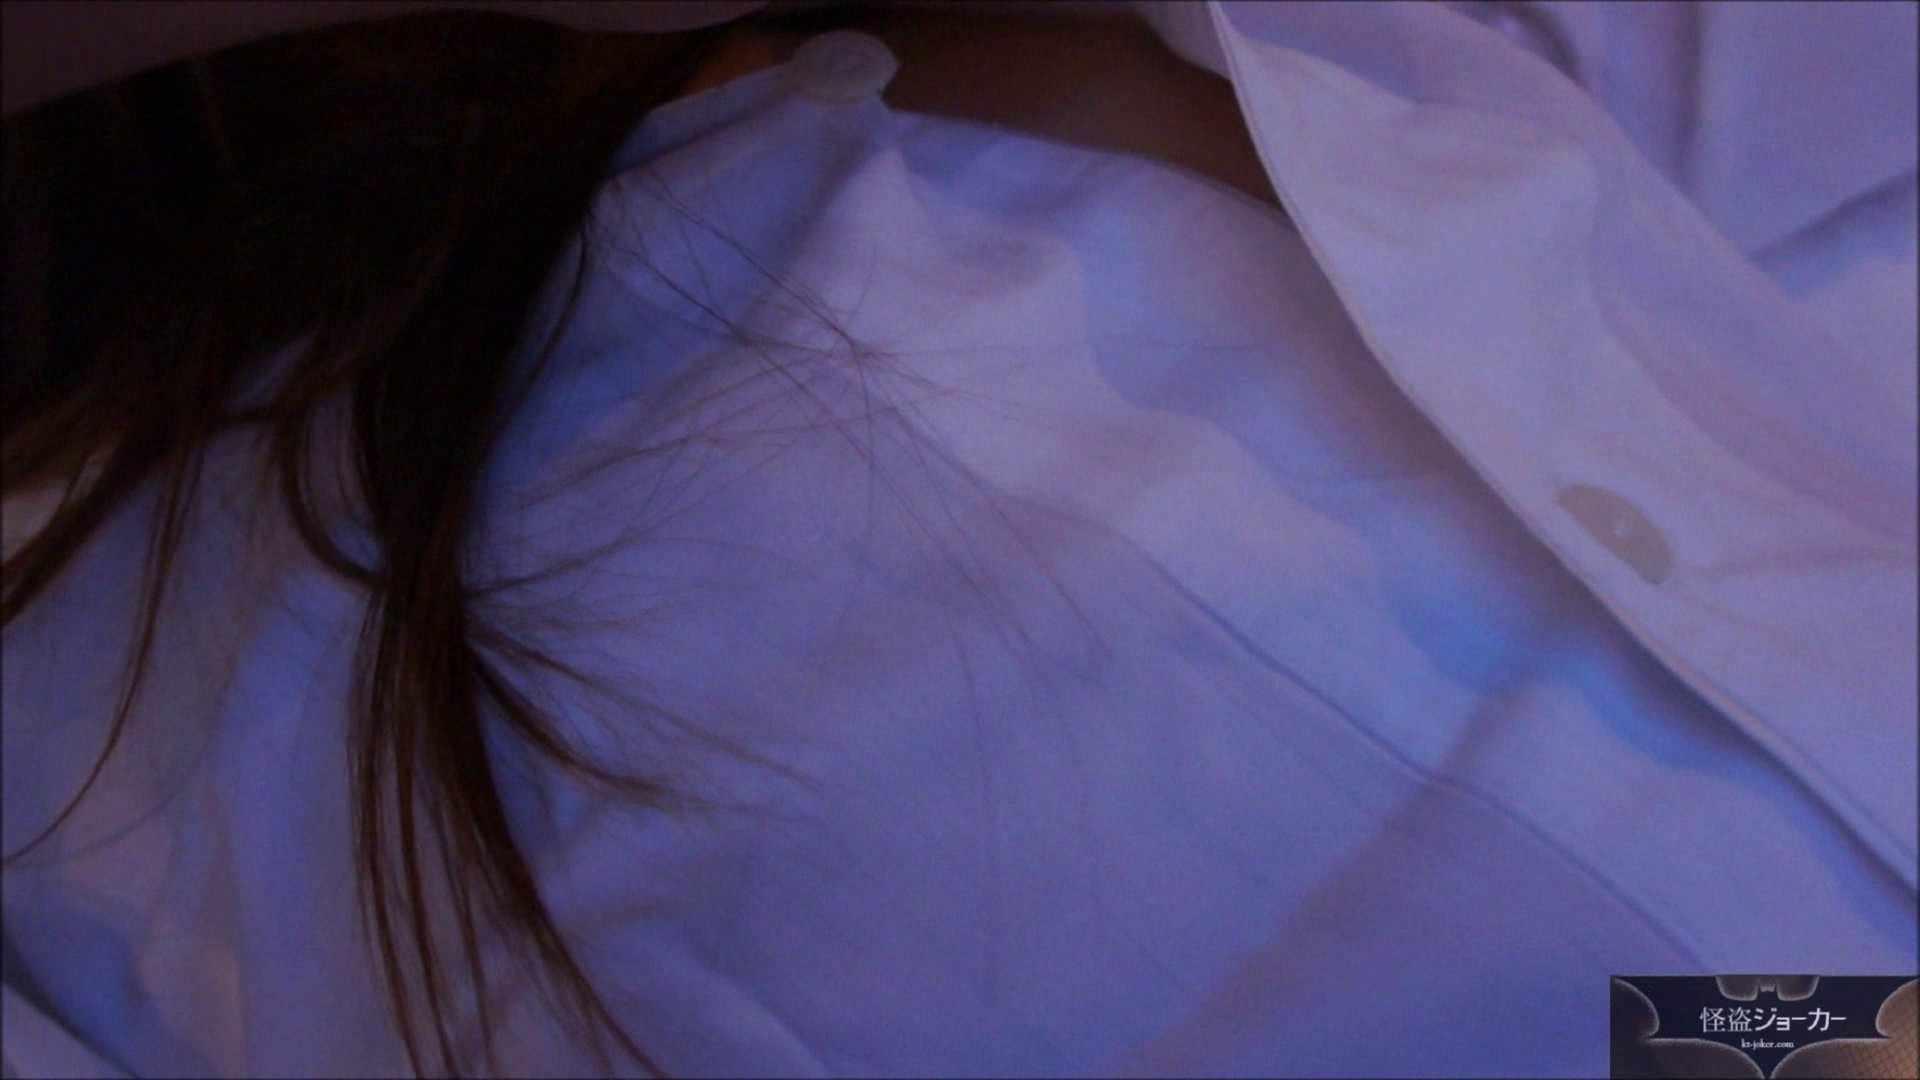 【未公開】vol.13 セレブ美魔女・ユキさんと初めて会った日。 OL  99pic 44